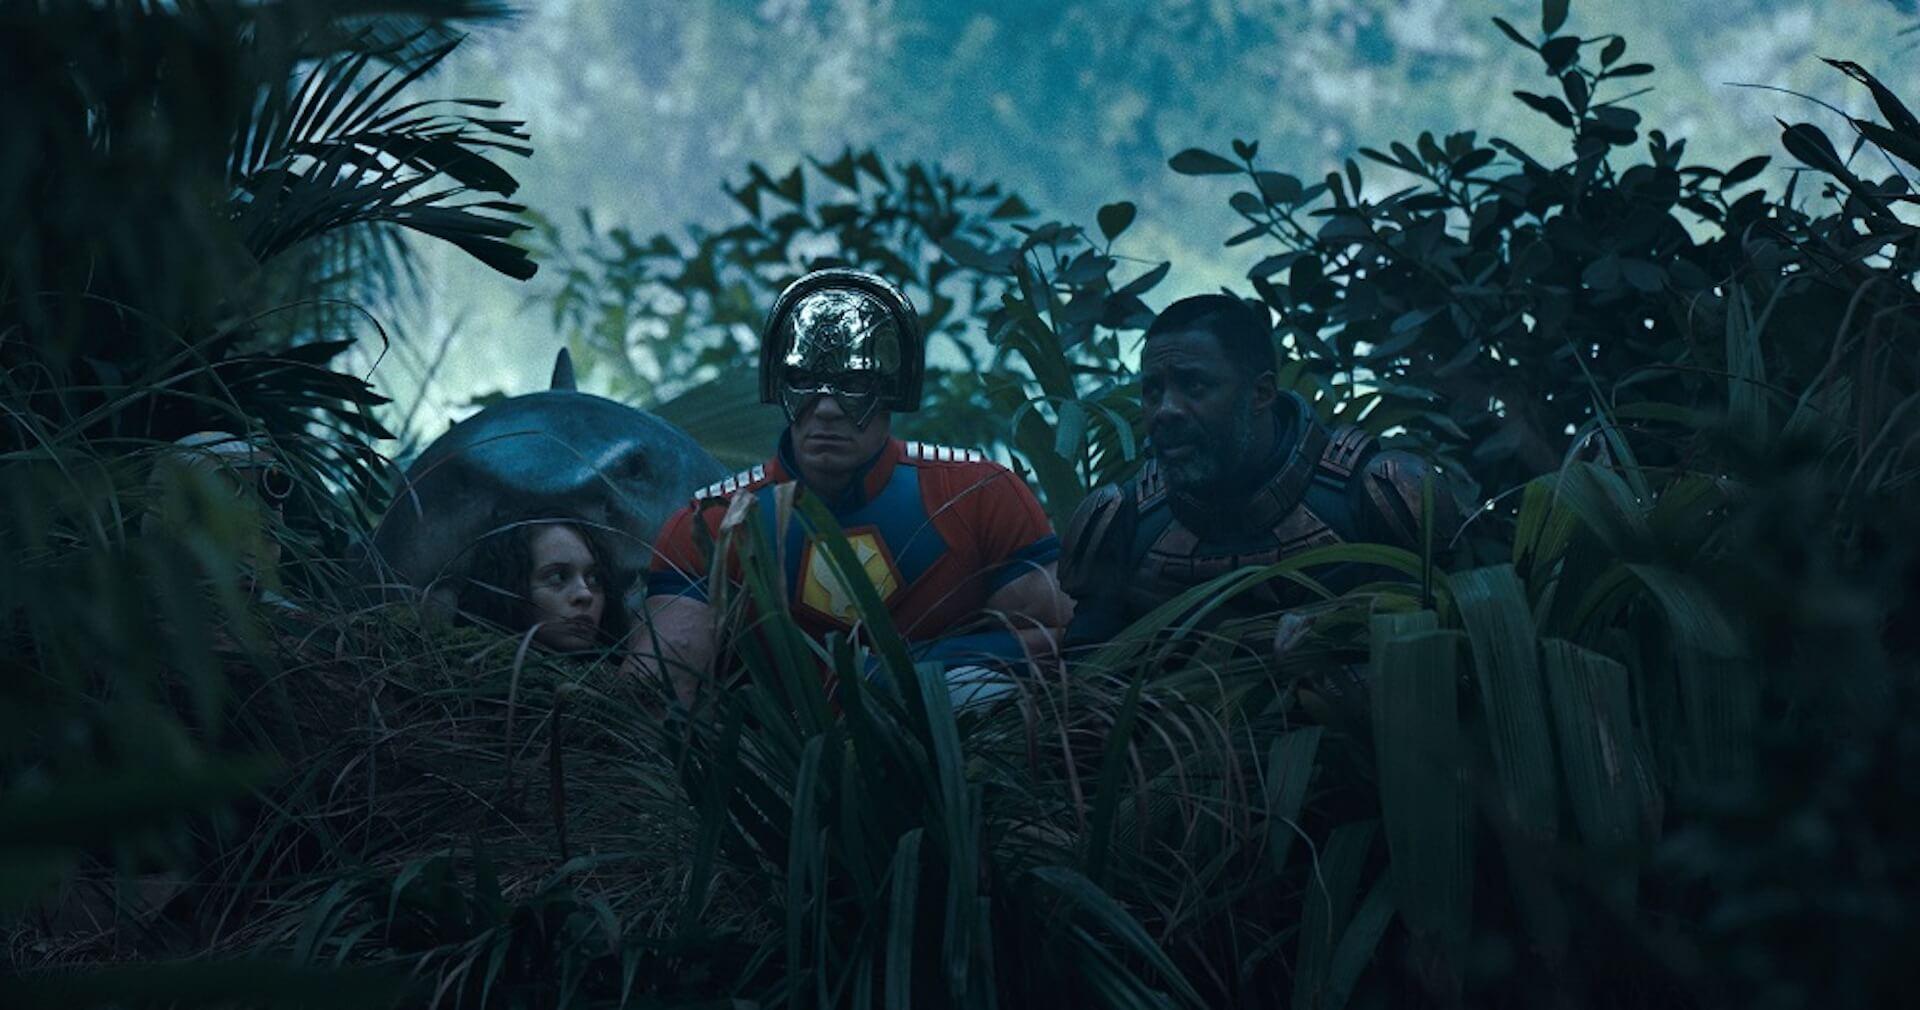 """ハーレイ・クイン、キング・シャークもカイジュウ登場に呆然!?『ザ・スーサイド・スクワッド """"極""""悪党、集結』の新場面写真が解禁 film210615_thesuicidesquad_6"""